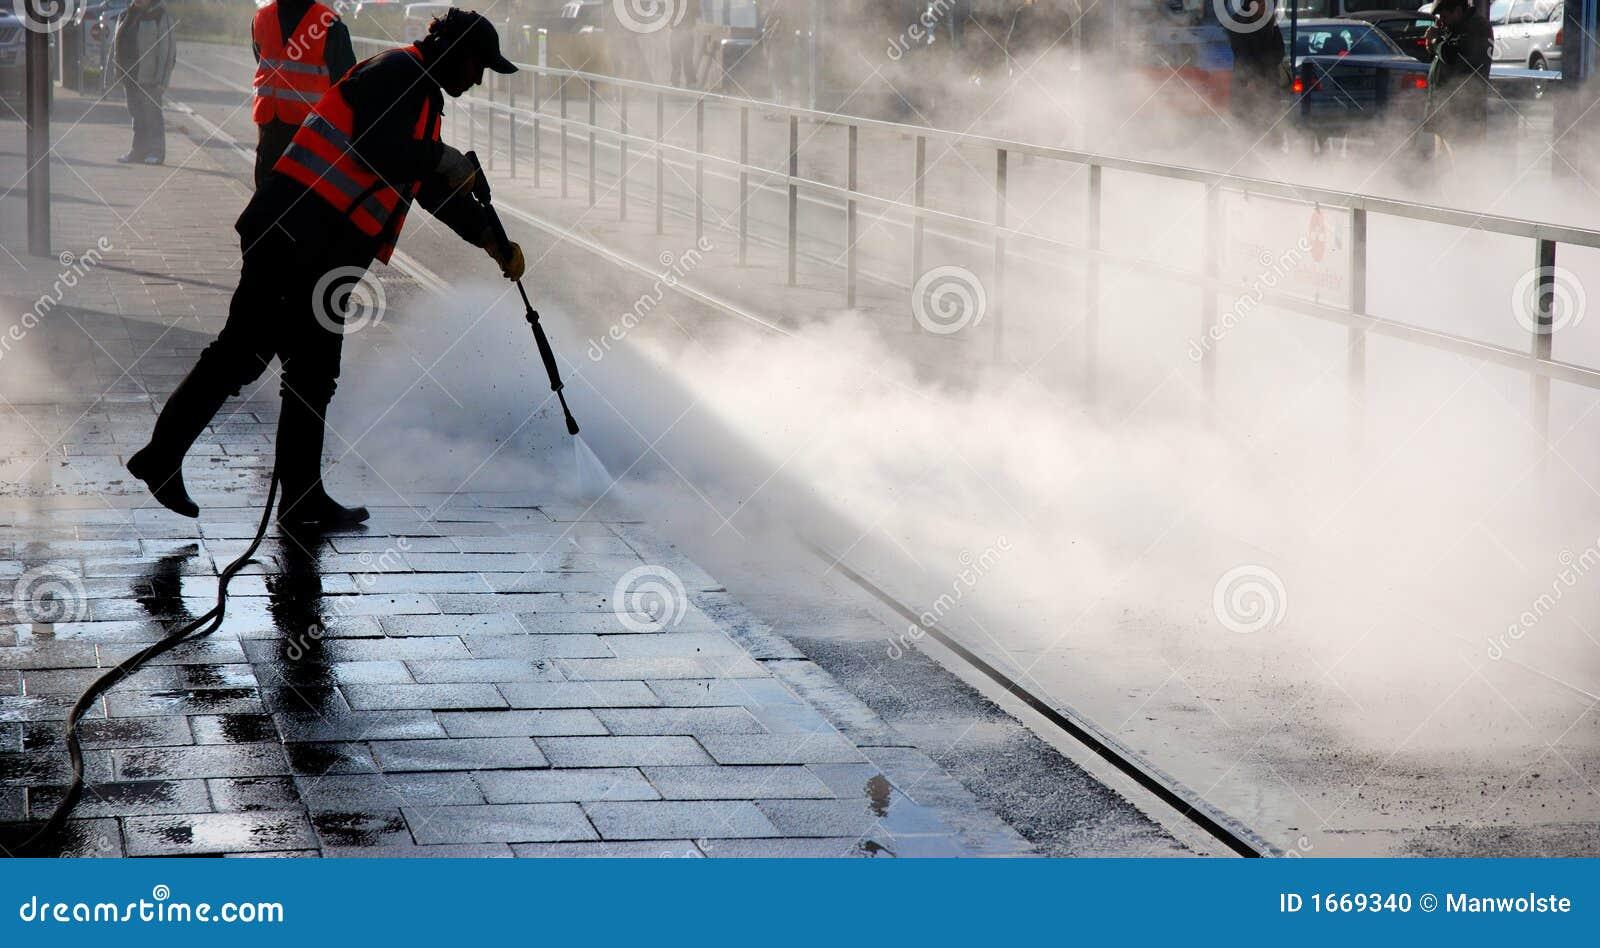 Limpieza de vapor foto de archivo imagen 1669340 - Robot de limpieza a vapor ...